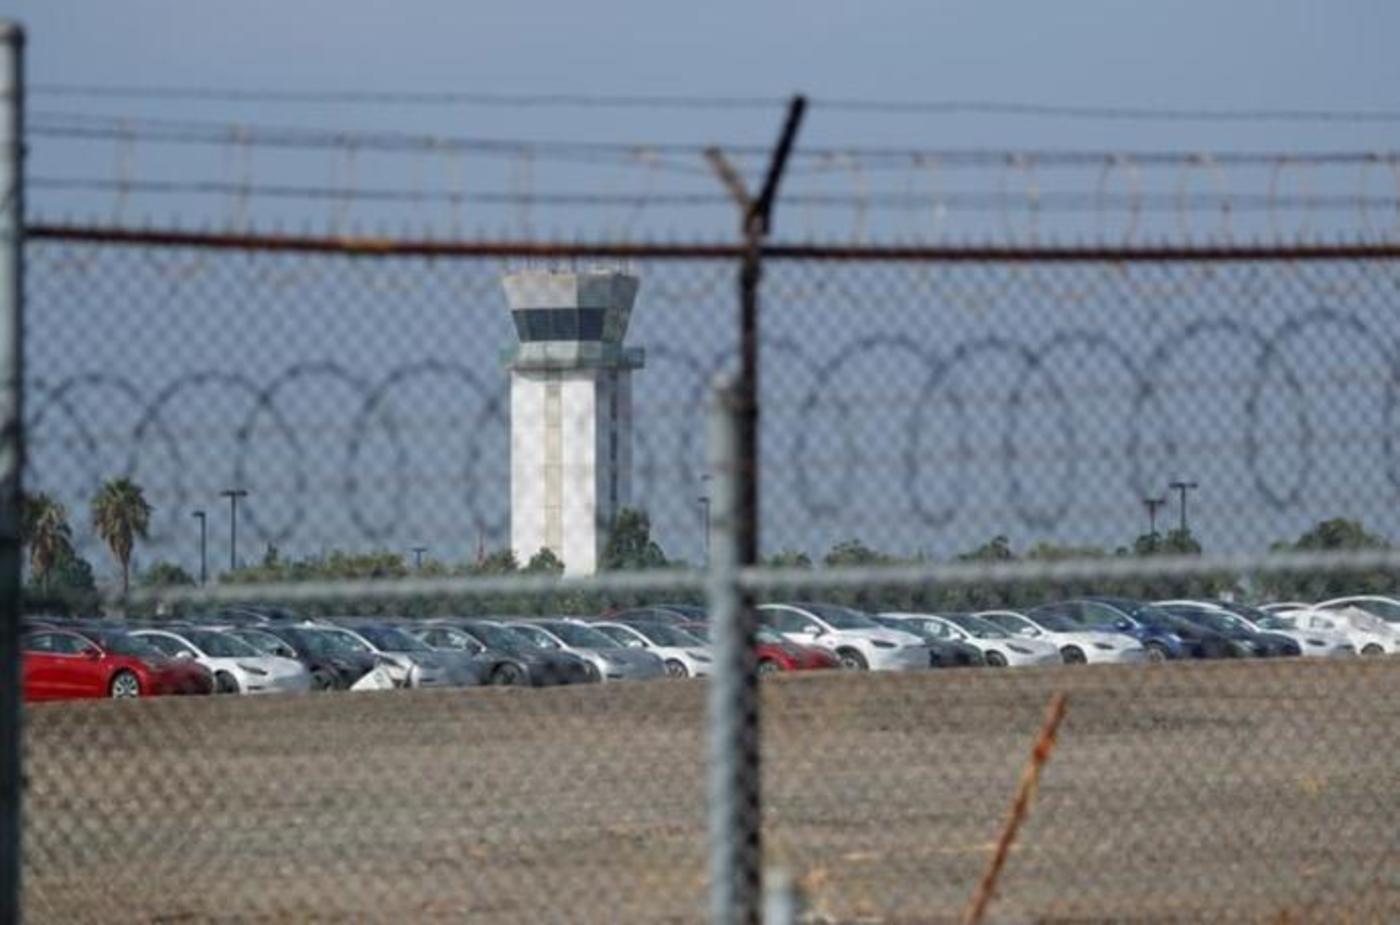 2018年8月24日,新生产的特斯拉汽车被发现停放在美国加利福尼亚州伯班克机场附近的一大片空地上